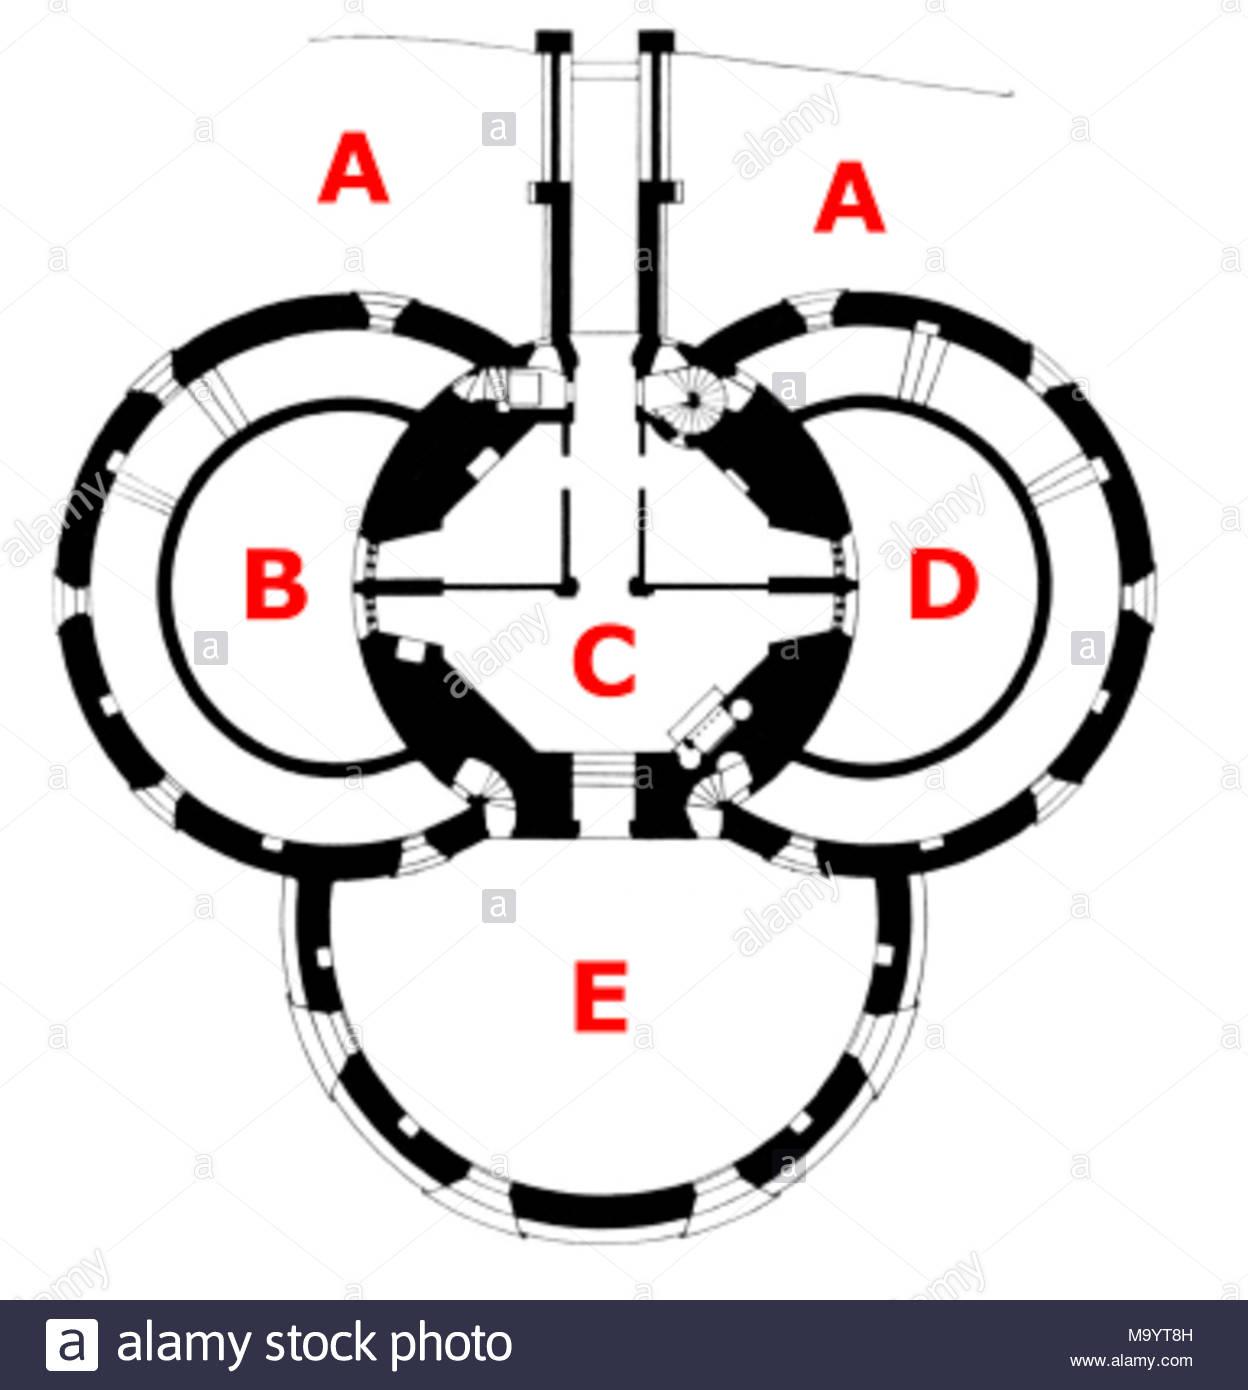 Labelled Diagram Imágenes De Stock & Labelled Diagram Fotos De Stock ...